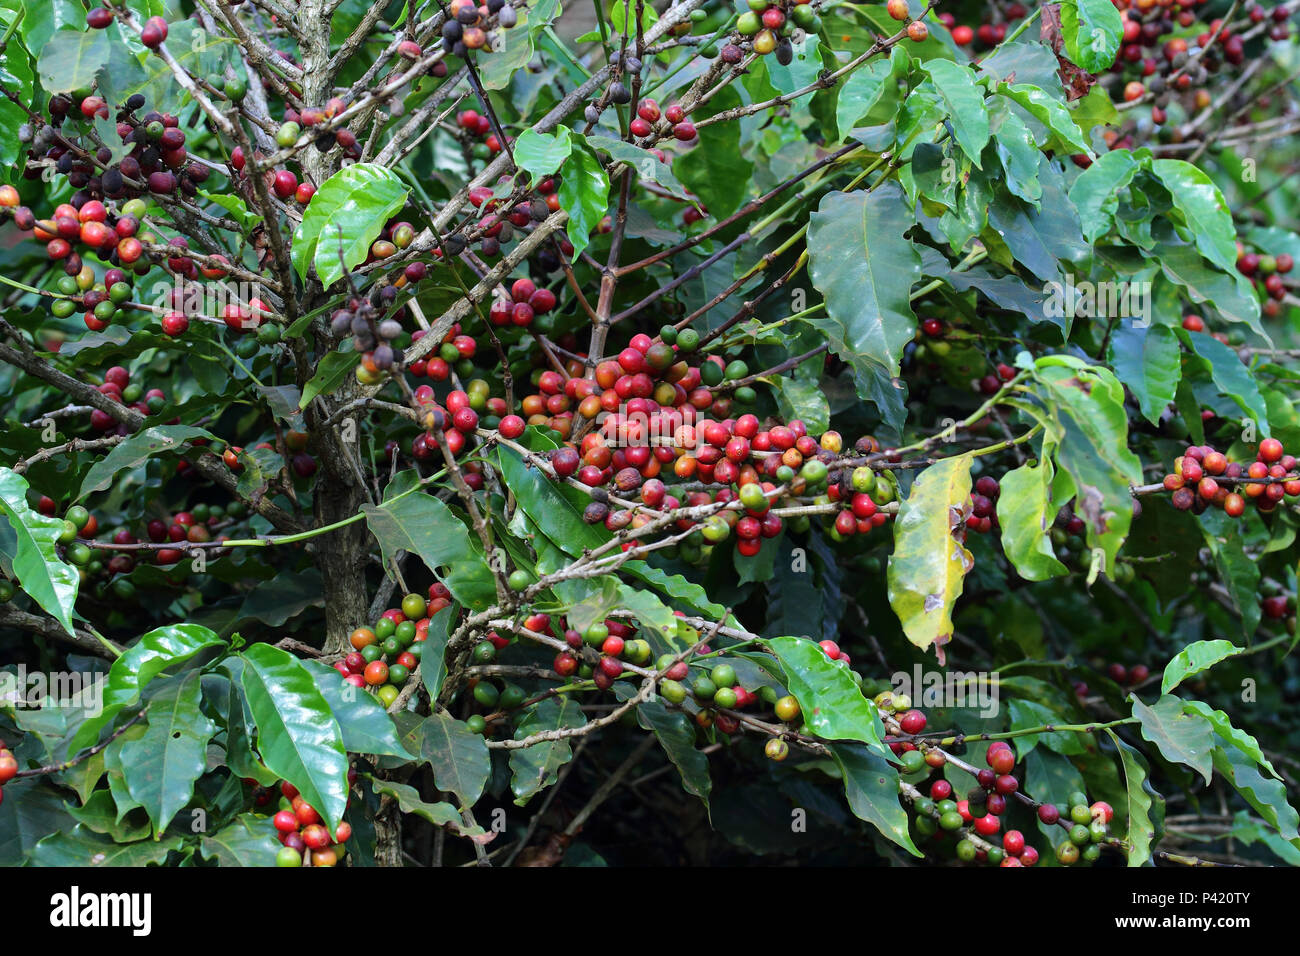 São Roque de Minas - MG Café Café no pé Pé de Café Café maduro Coffea arabica L. arbusto de café Plantação de Café Grão de café maduro São Roque de Minas Minas Gerais Sudeste Brasil Immagini Stock